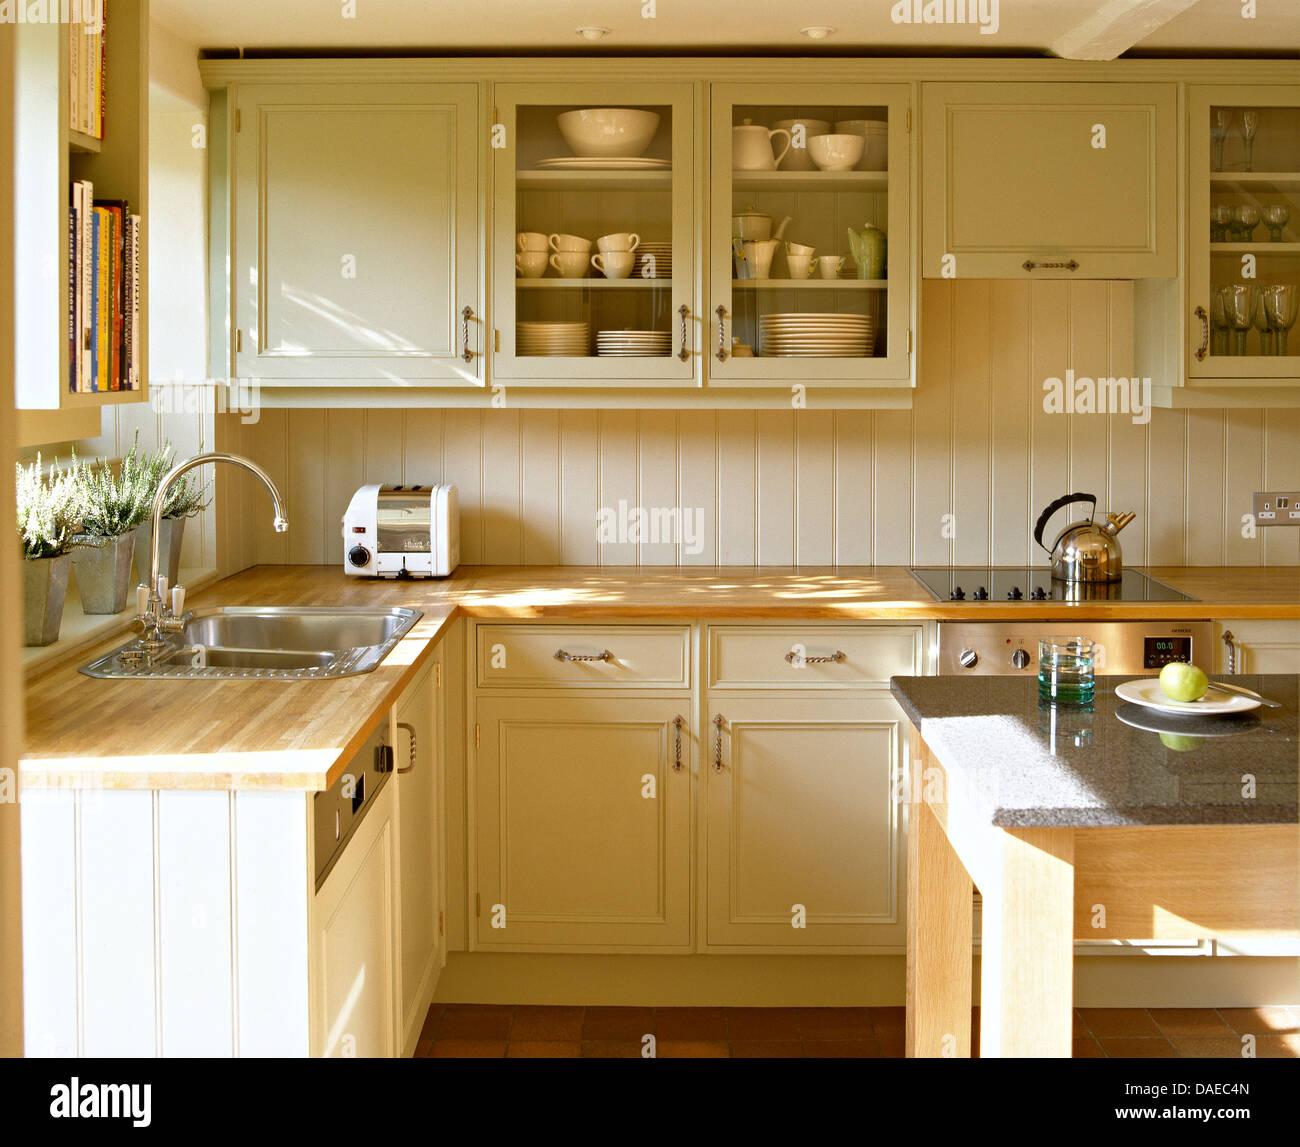 Schön Creme Shaker Küche Designs Bilder - Küche Set Ideen ...